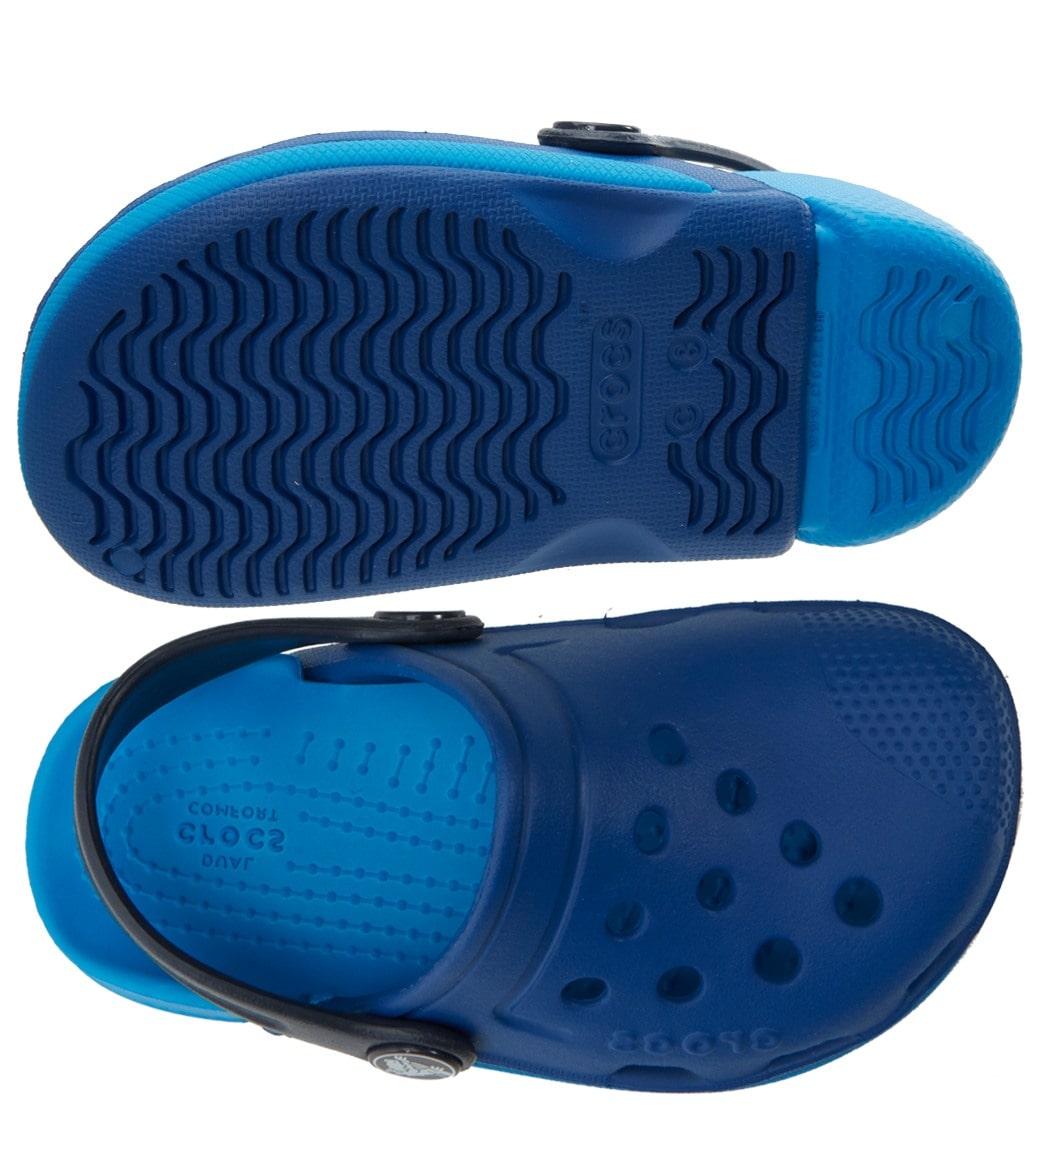 d9021e76b Crocs Boys  Electro III Clog (Toddler